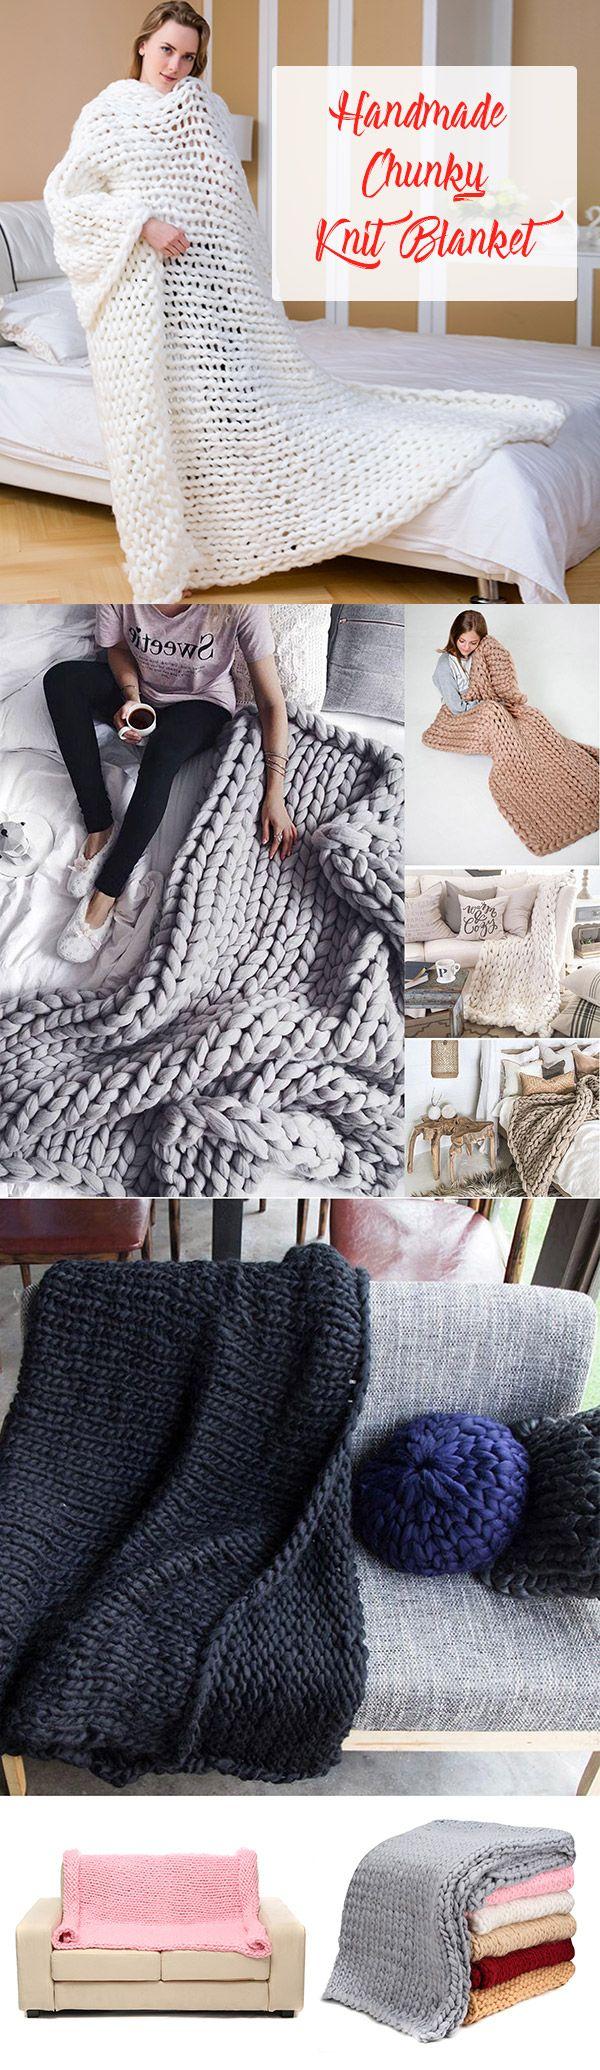 Pin de Helen Oradei en Patterns | Pinterest | Mantas tejidas y Manta